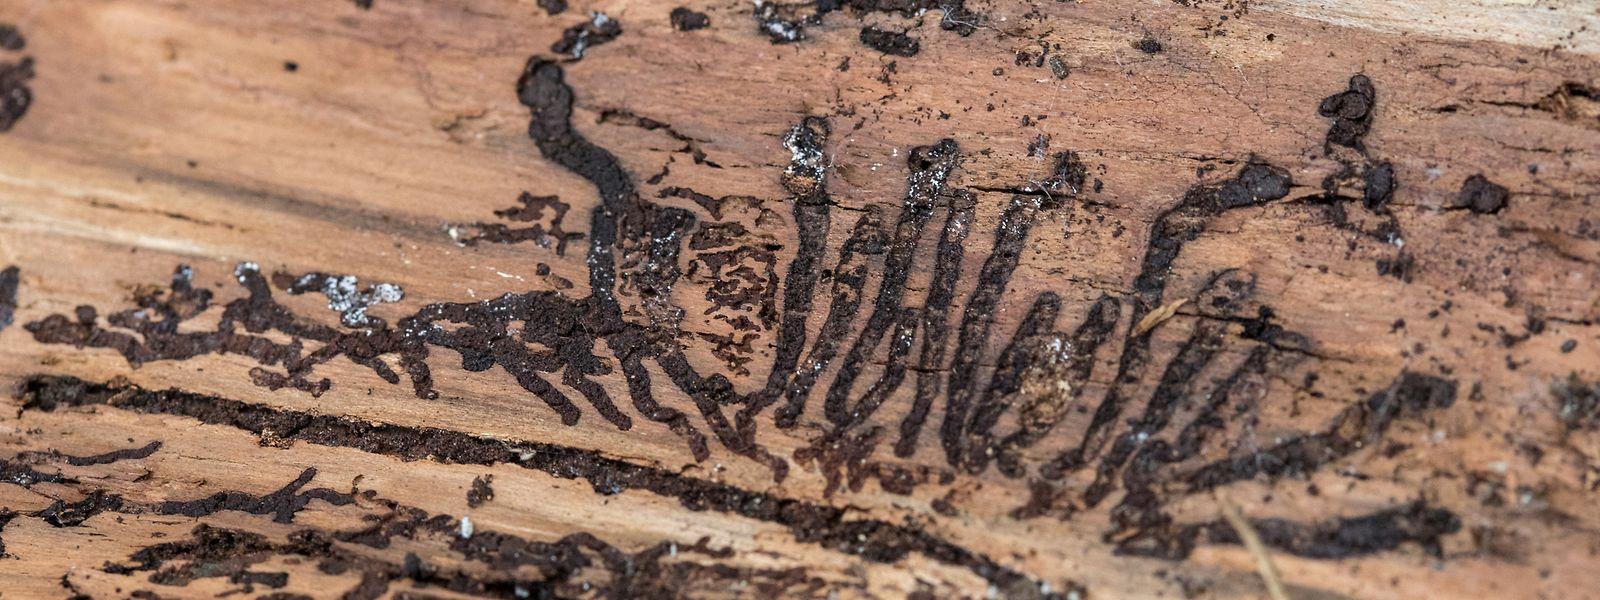 Les scolytes pondent sous l'écorce des arbres et leurs larves se nourrissent de la sève. Ce qui peut mener à la mort de l'arbre..